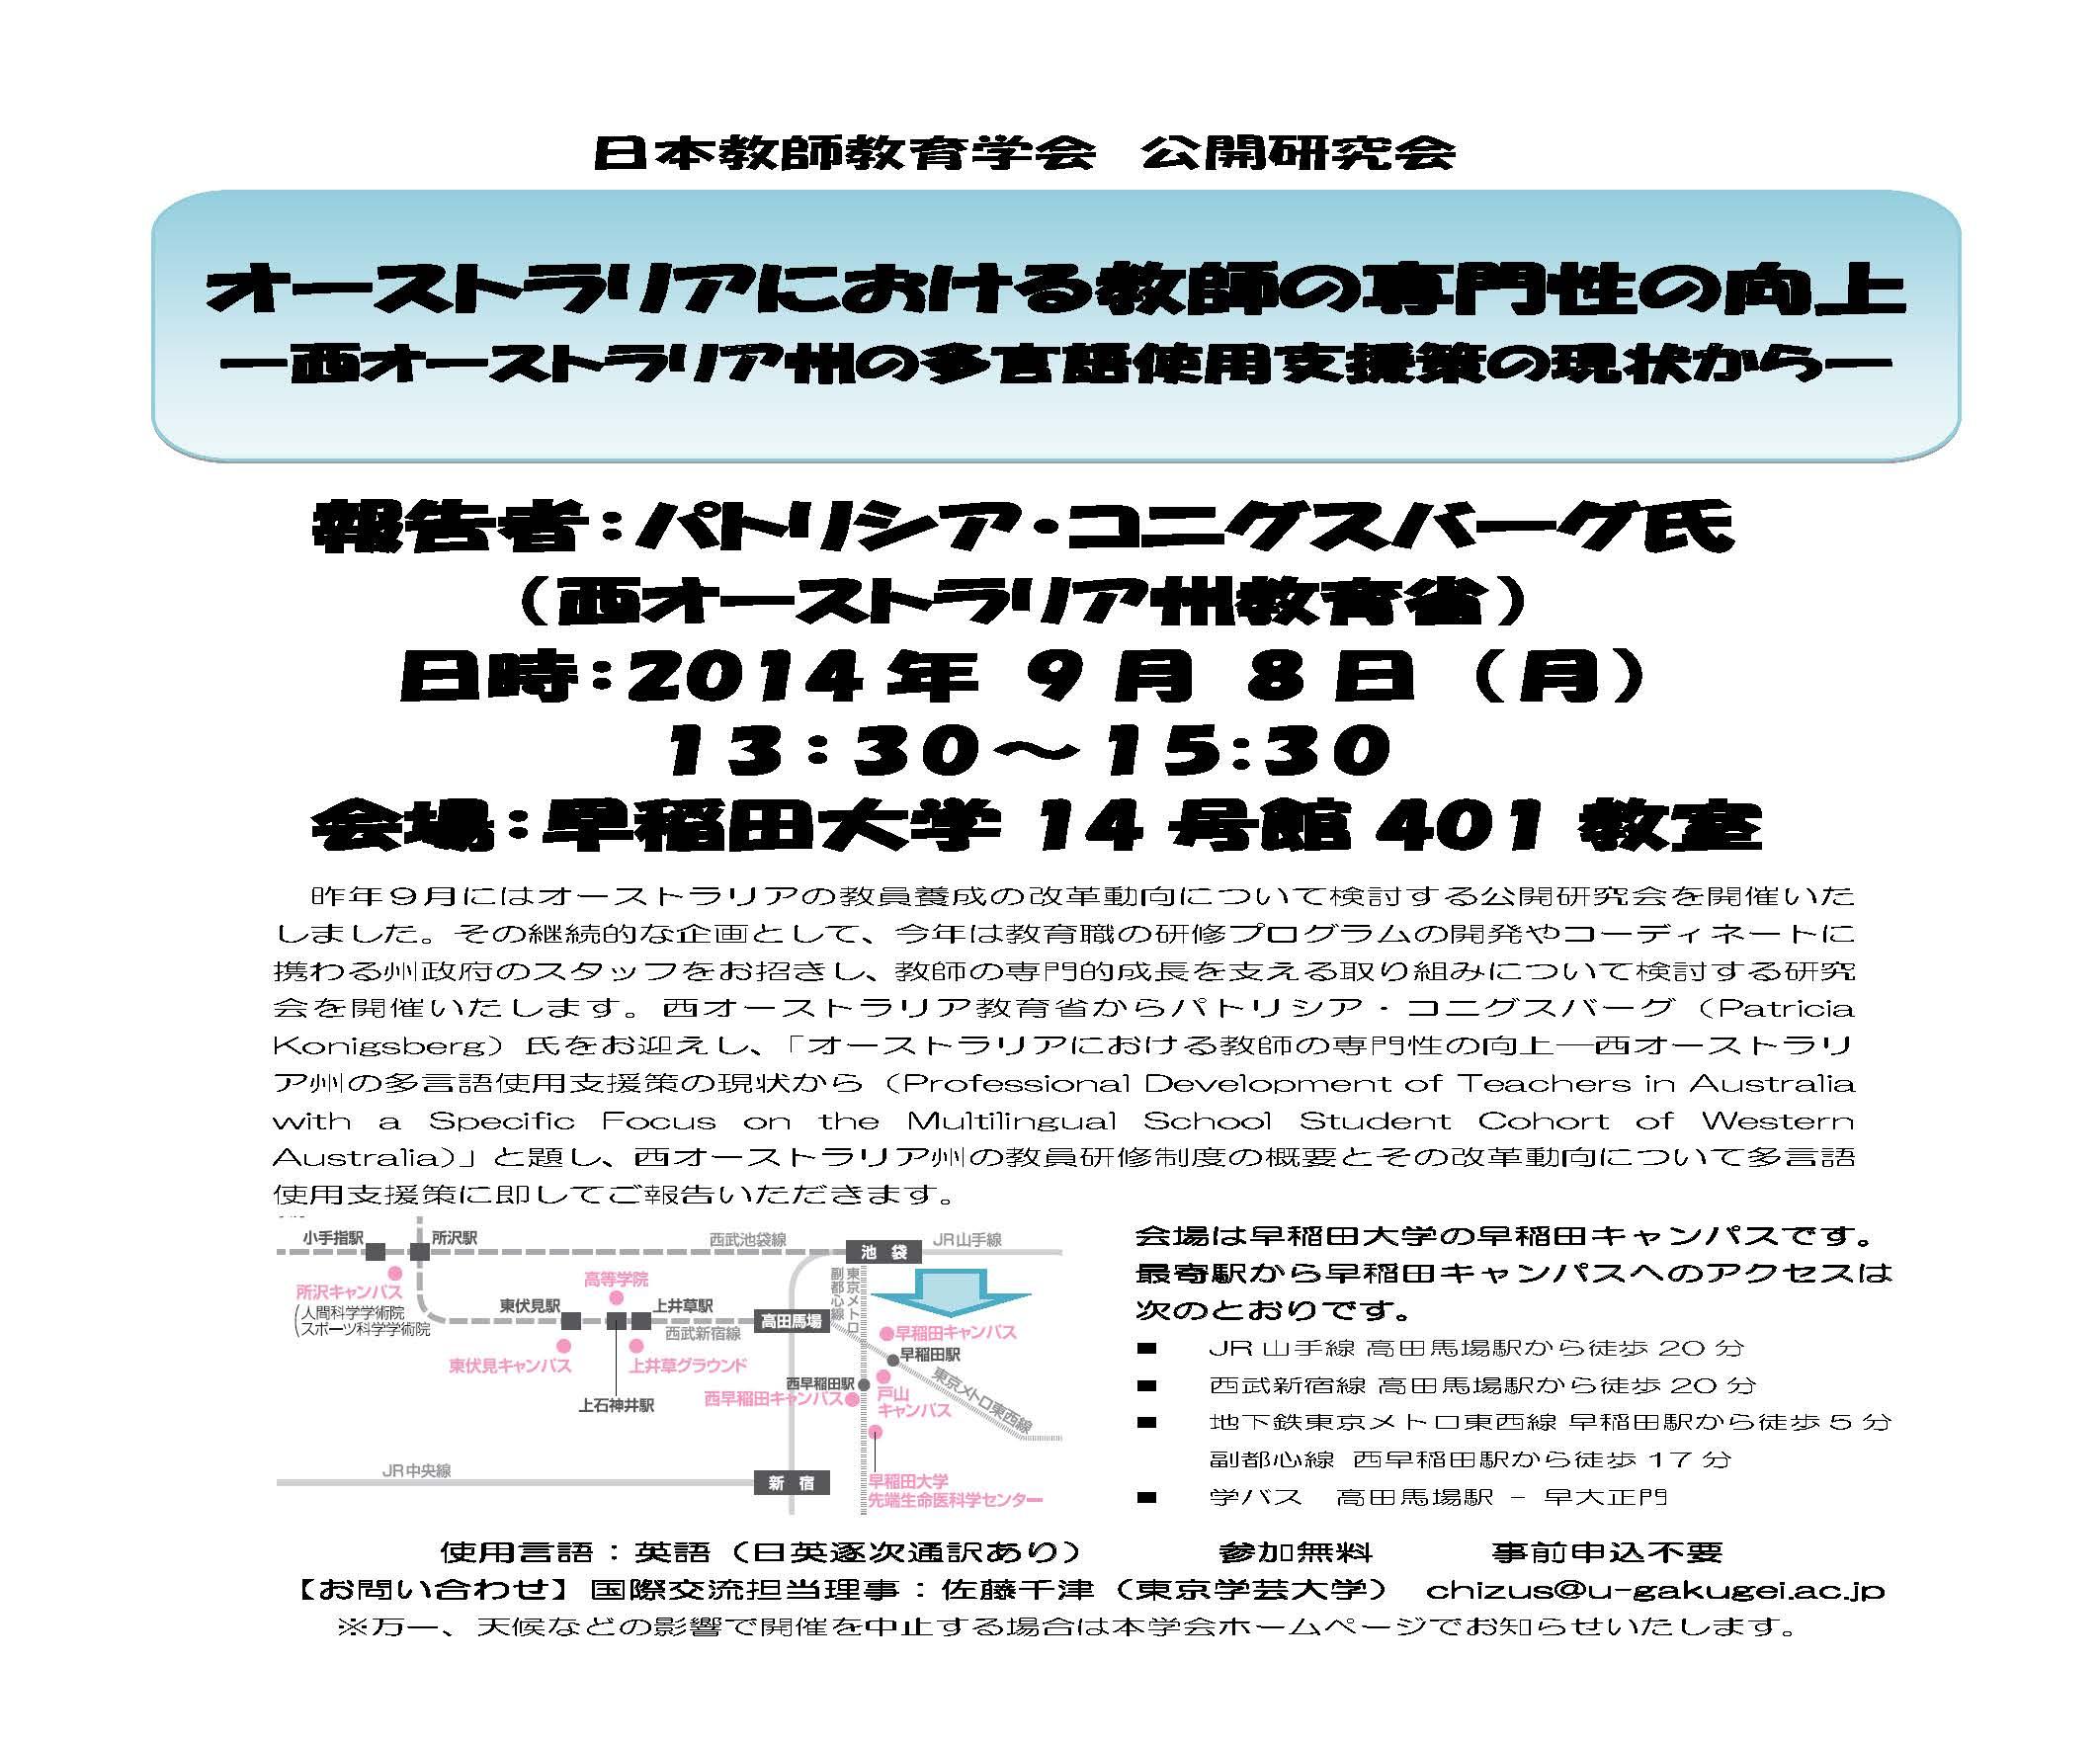 日本教師教育学会 公開研究会_c0046127_22104710.jpg